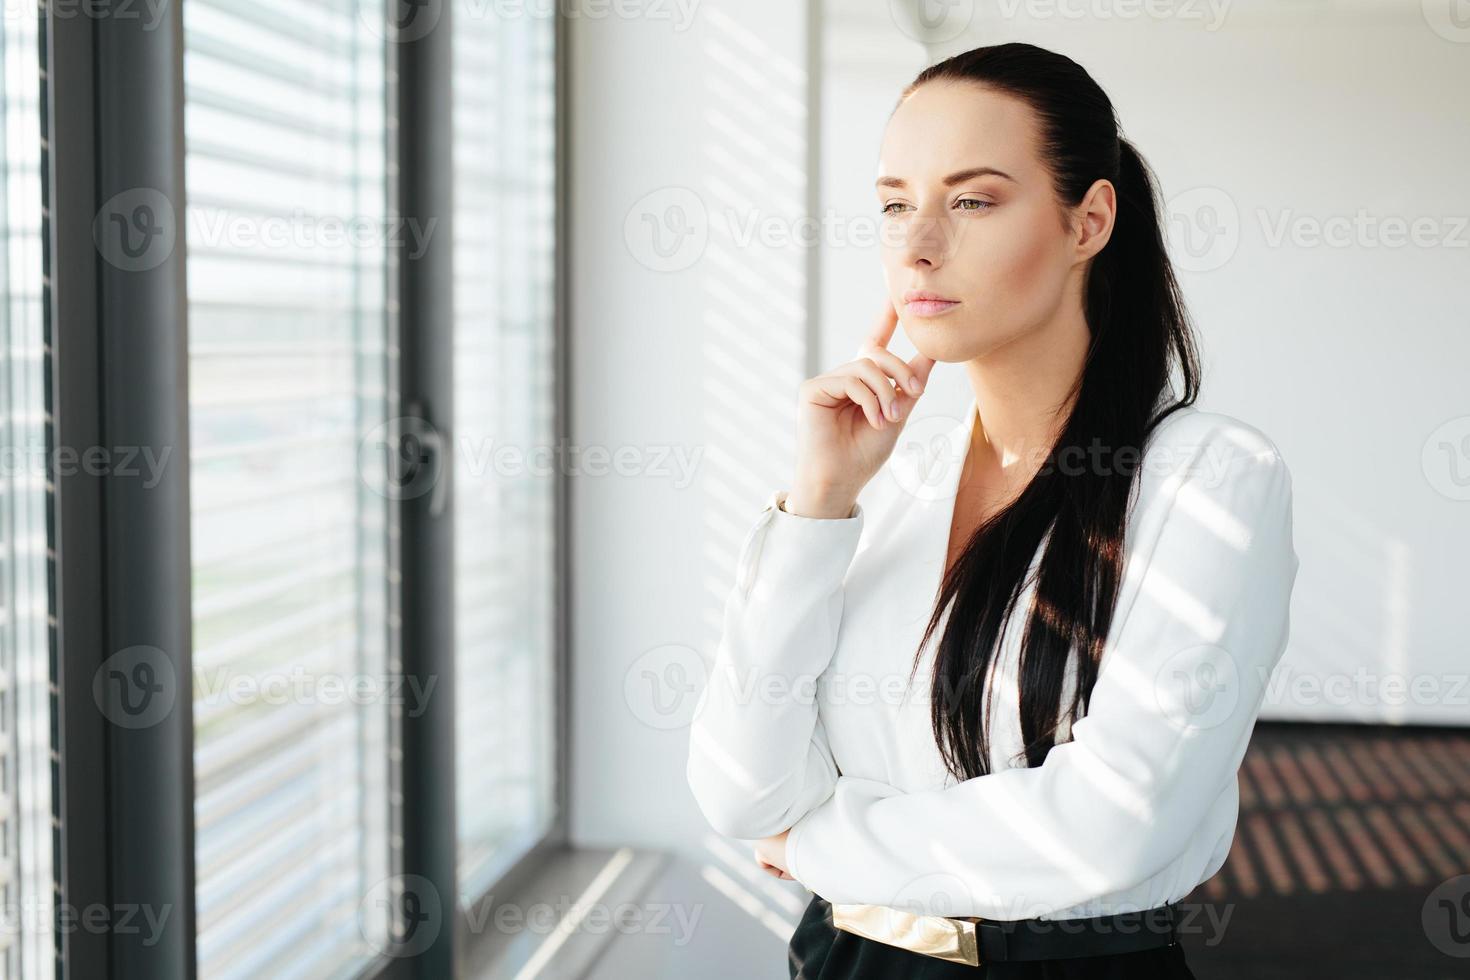 weibliche Führungskraft, die am Fenster steht und durch es schaut foto